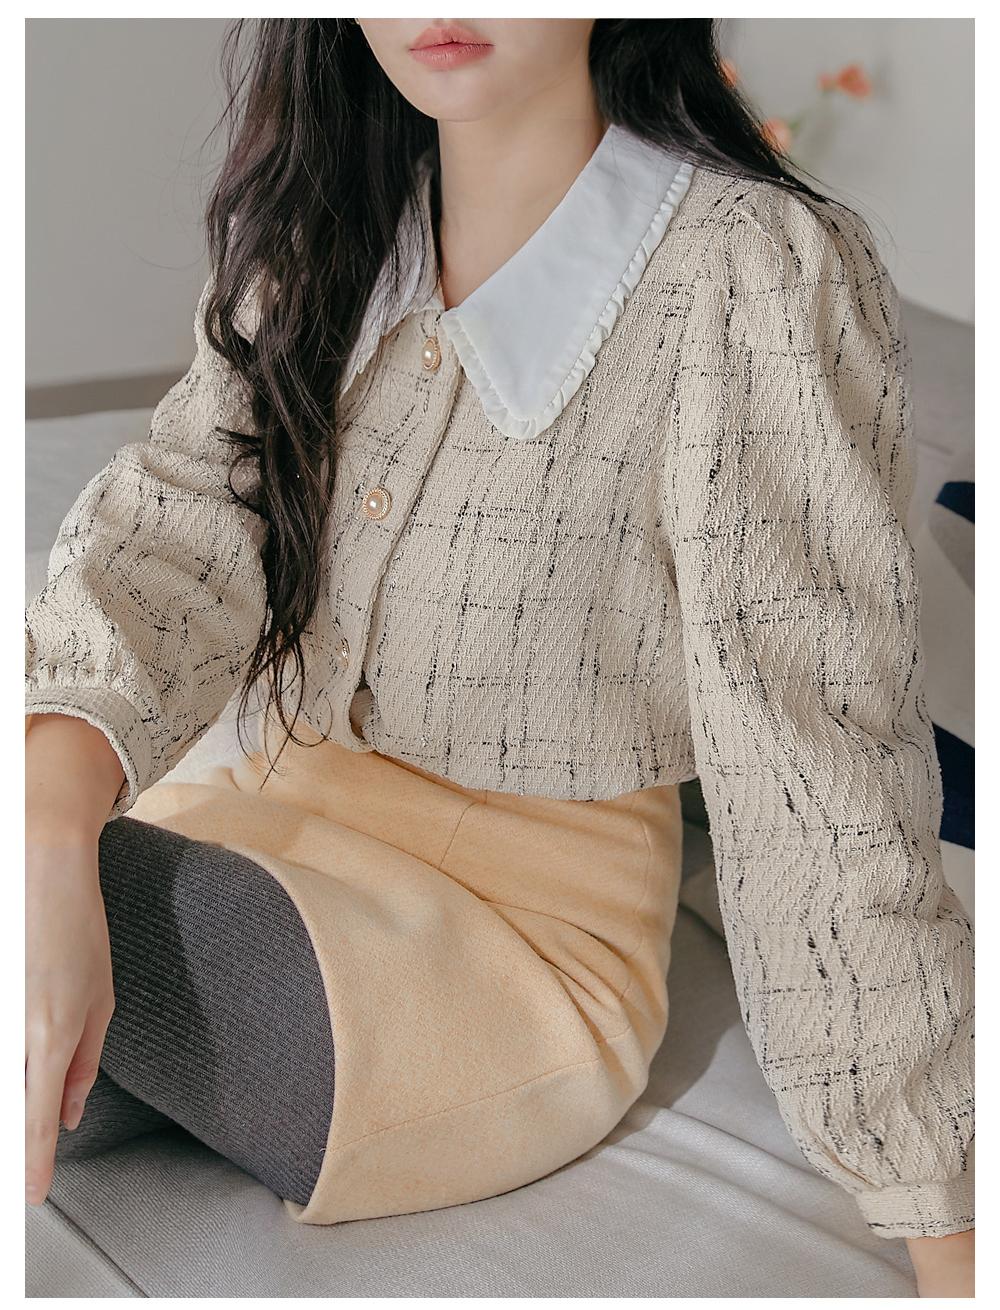 jacket model image-S1L10